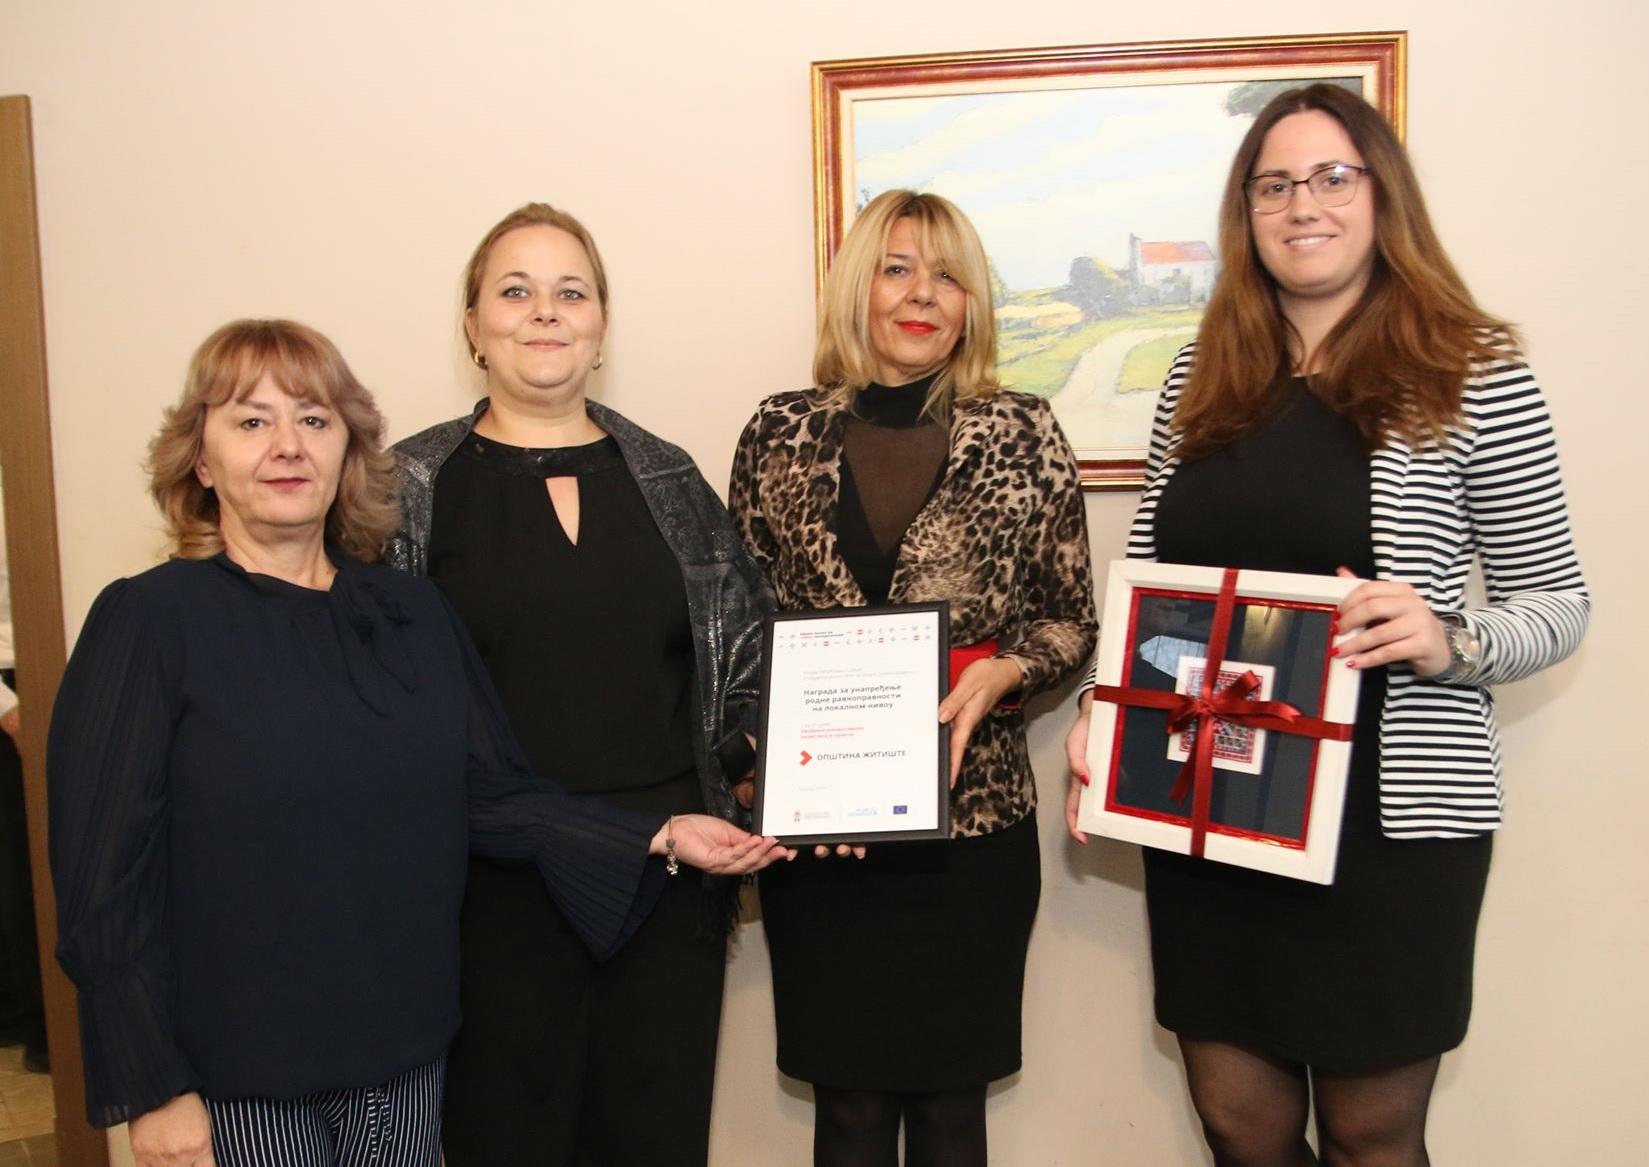 Opštini Žitište nagrada za unapređenje rodne ravnopravnosti